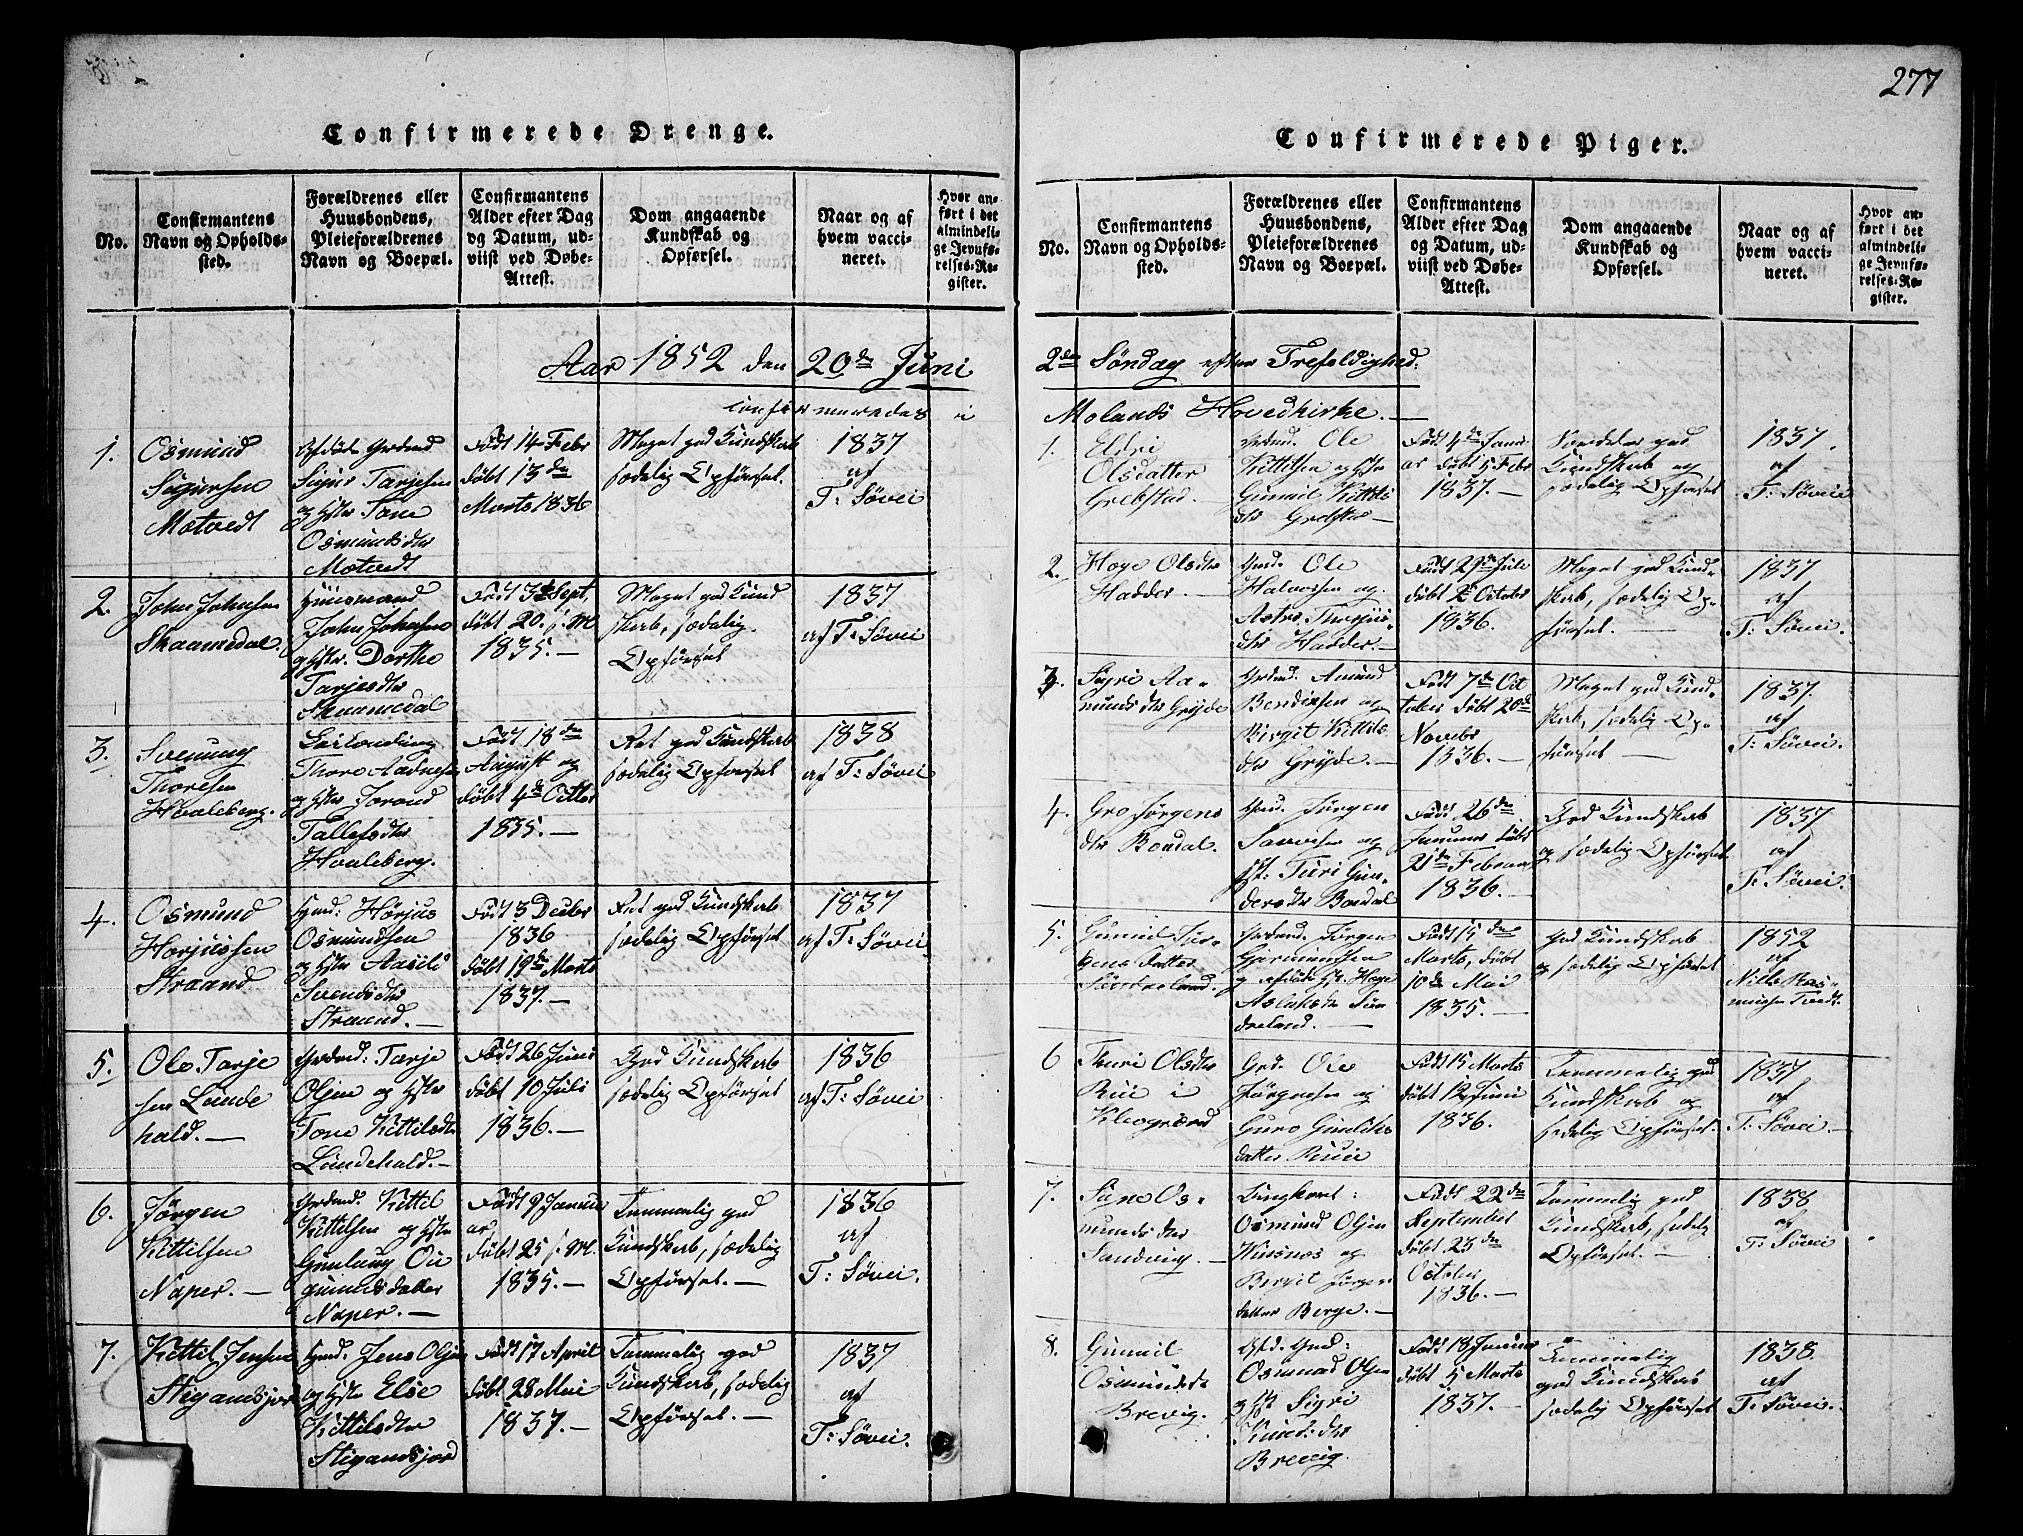 SAKO, Fyresdal kirkebøker, G/Ga/L0002: Klokkerbok nr. I 2, 1815-1857, s. 277